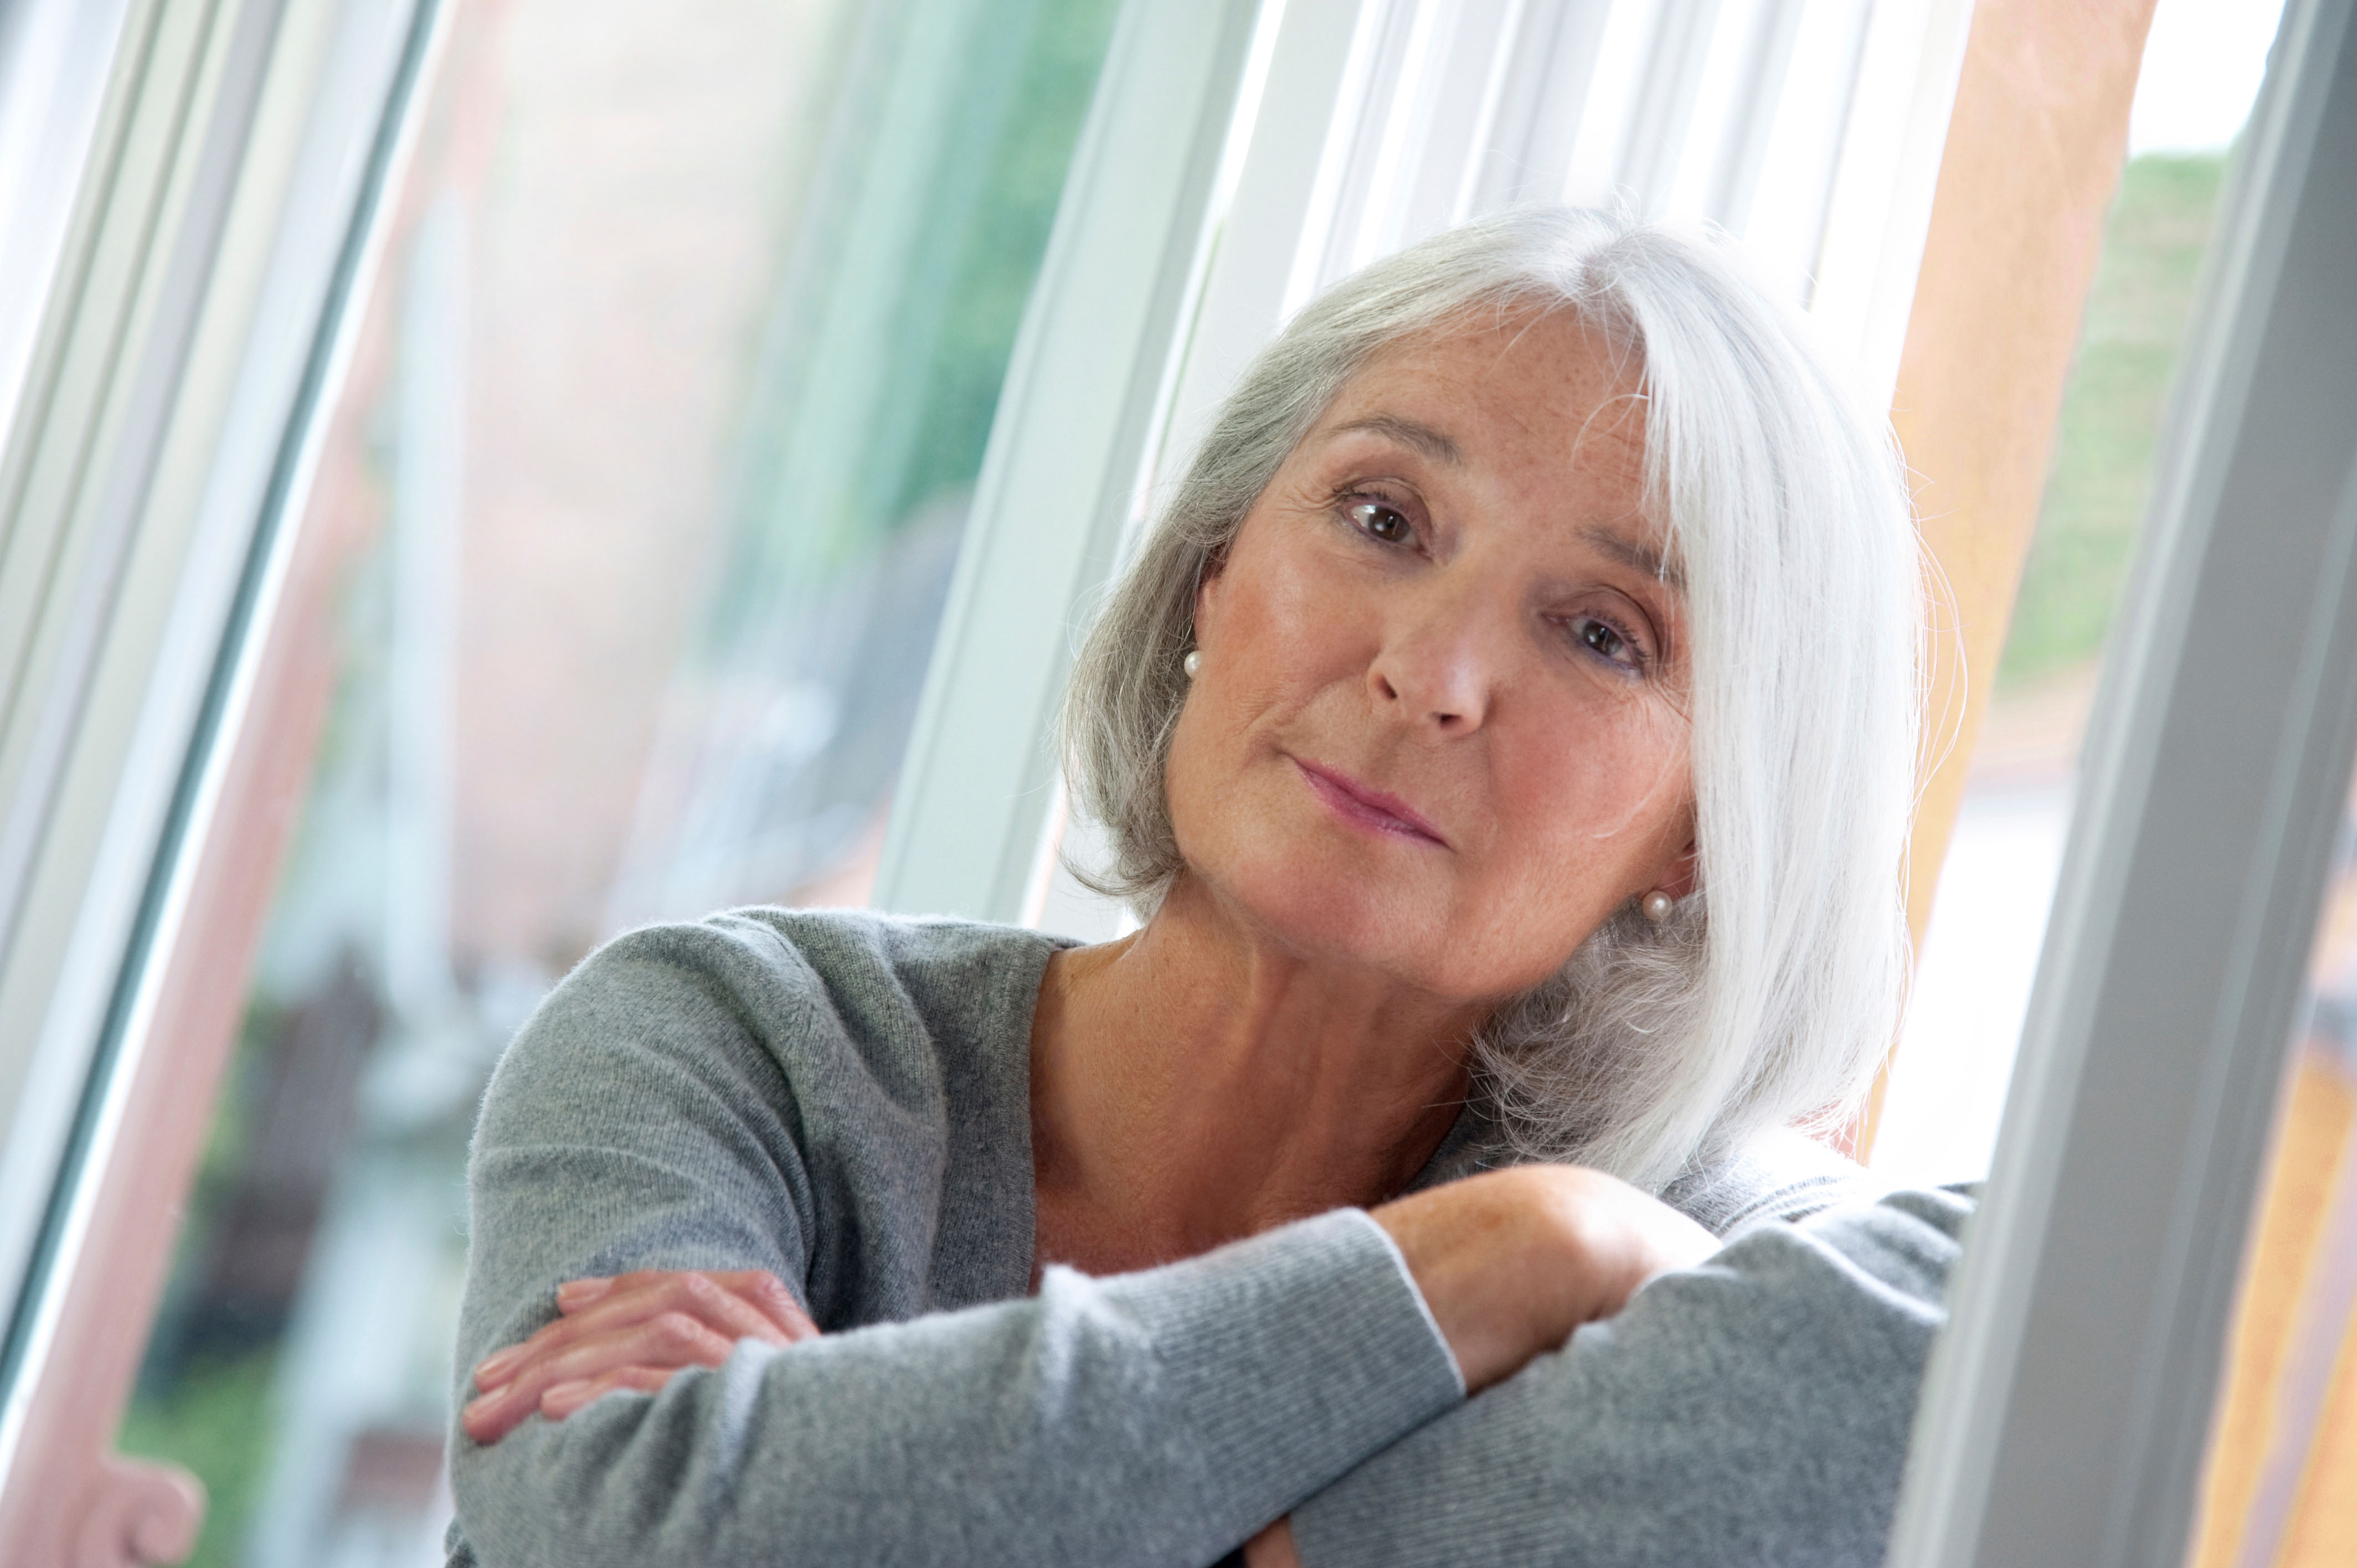 Gebärmutterhalskrebs-Früherkennung ist effektiv